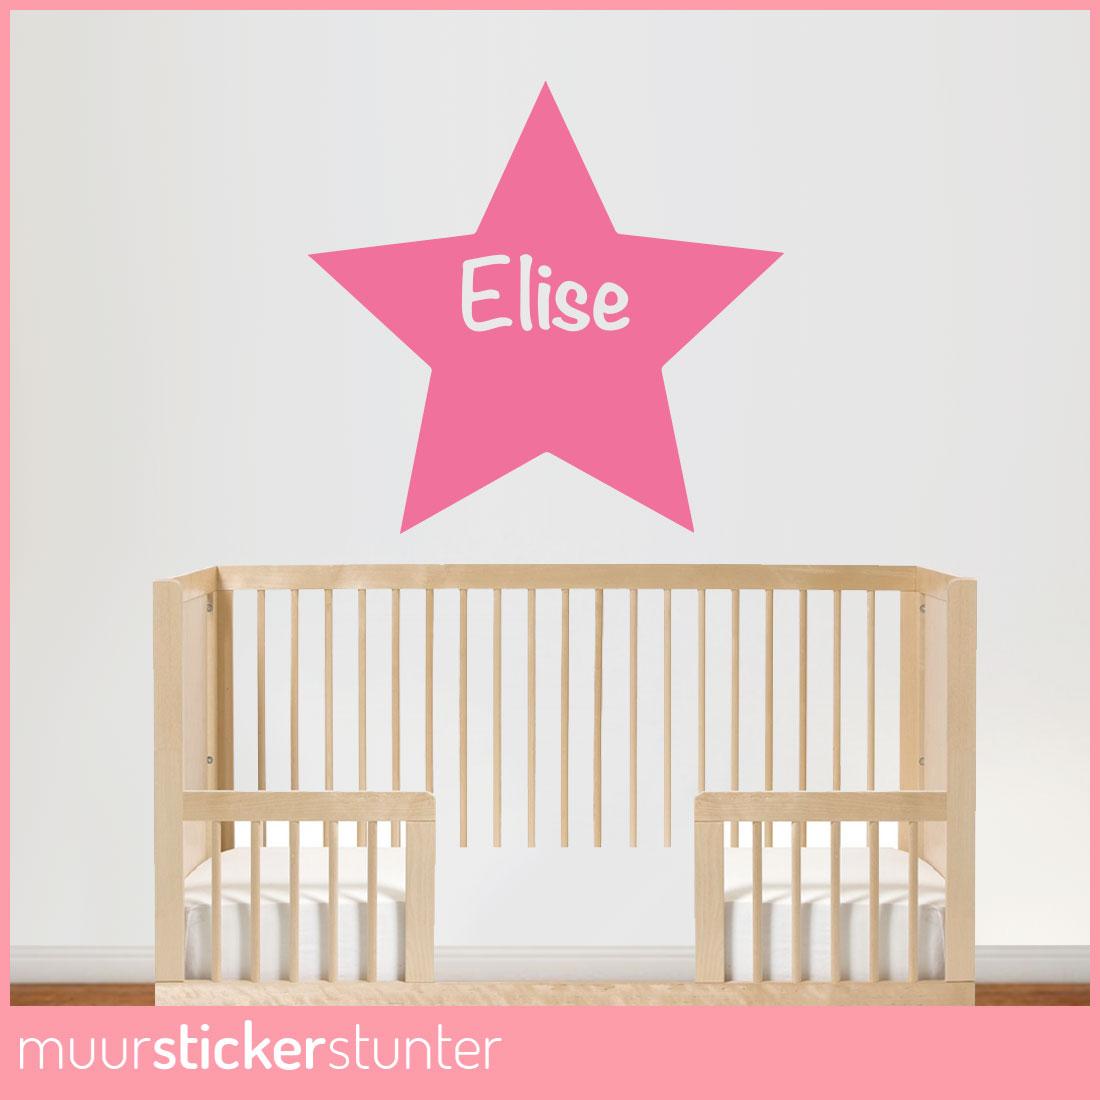 Naam Muursticker Babykamer.Naam In Ster Muursticker V A 12 95 Nu Met Gratis Verzending